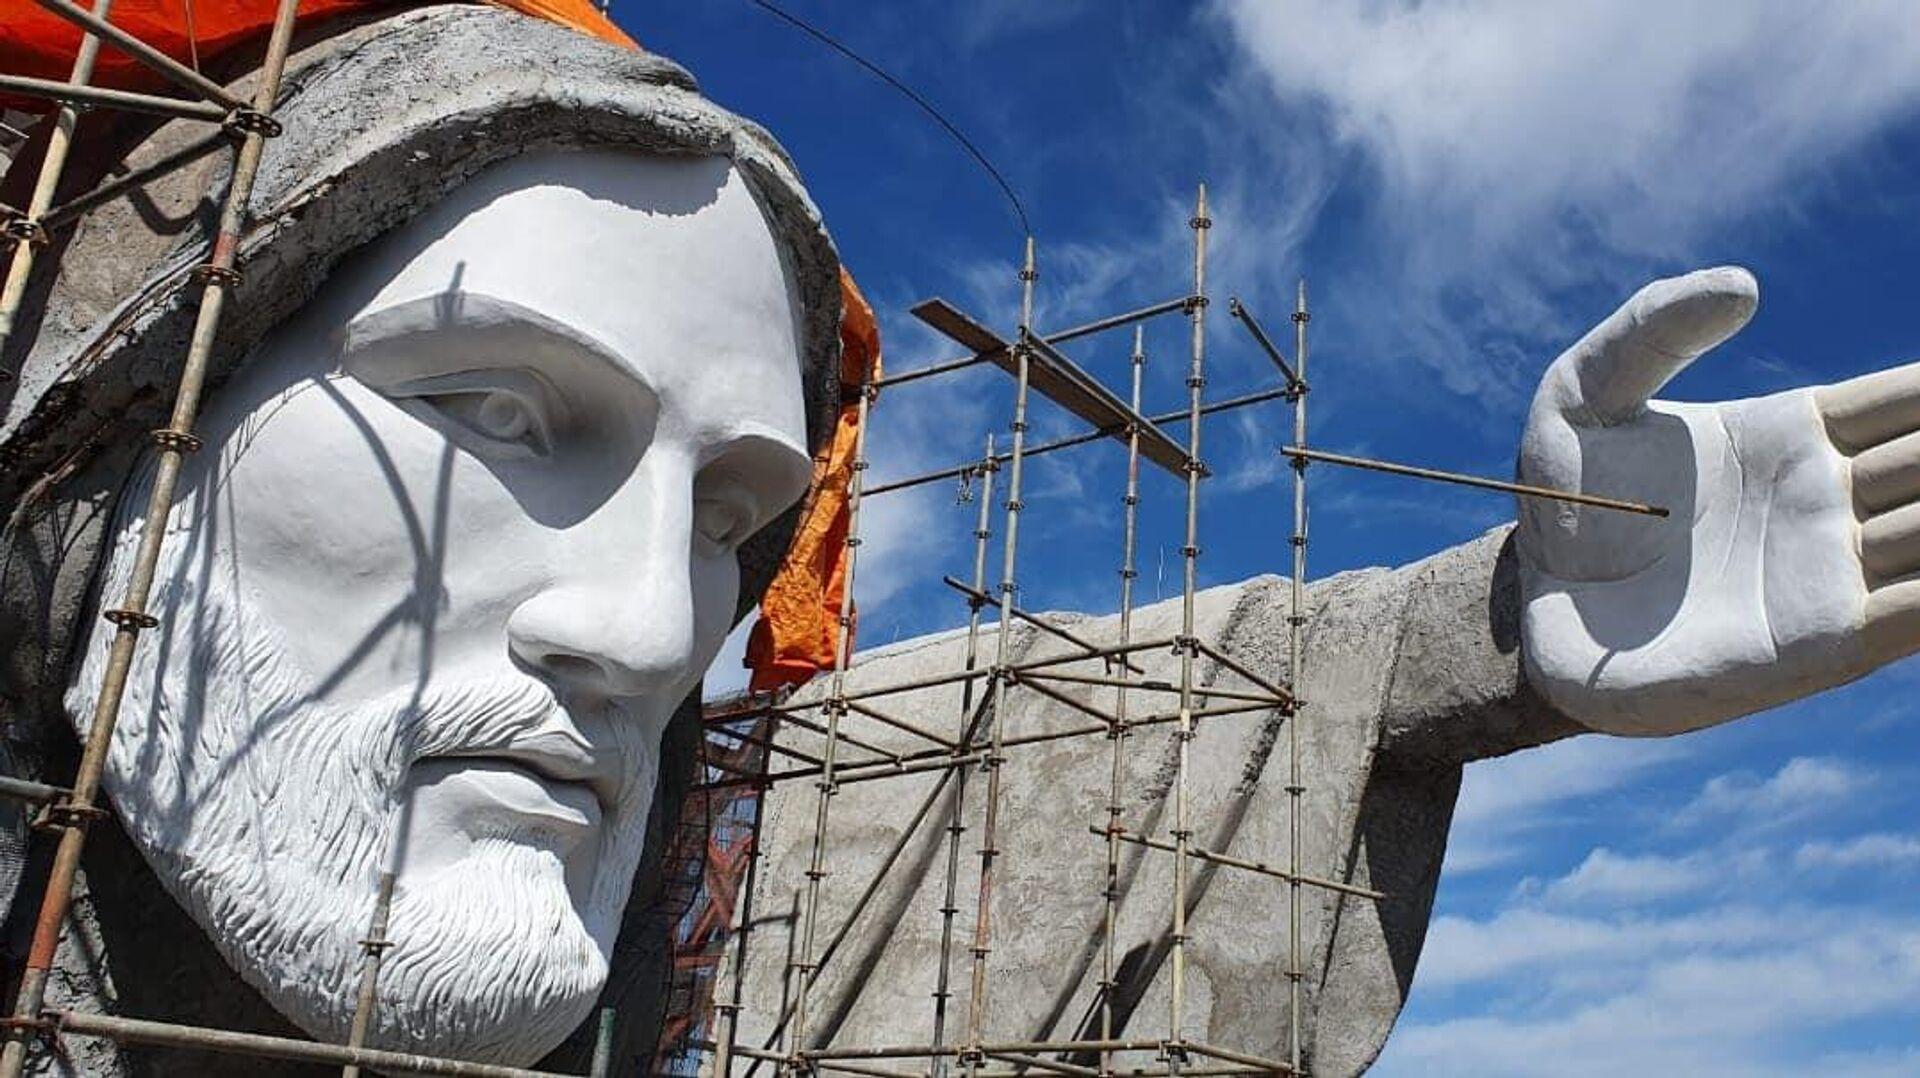 La construcción del Cristo Protector de Encantado, Brasil - Sputnik Mundo, 1920, 11.04.2021